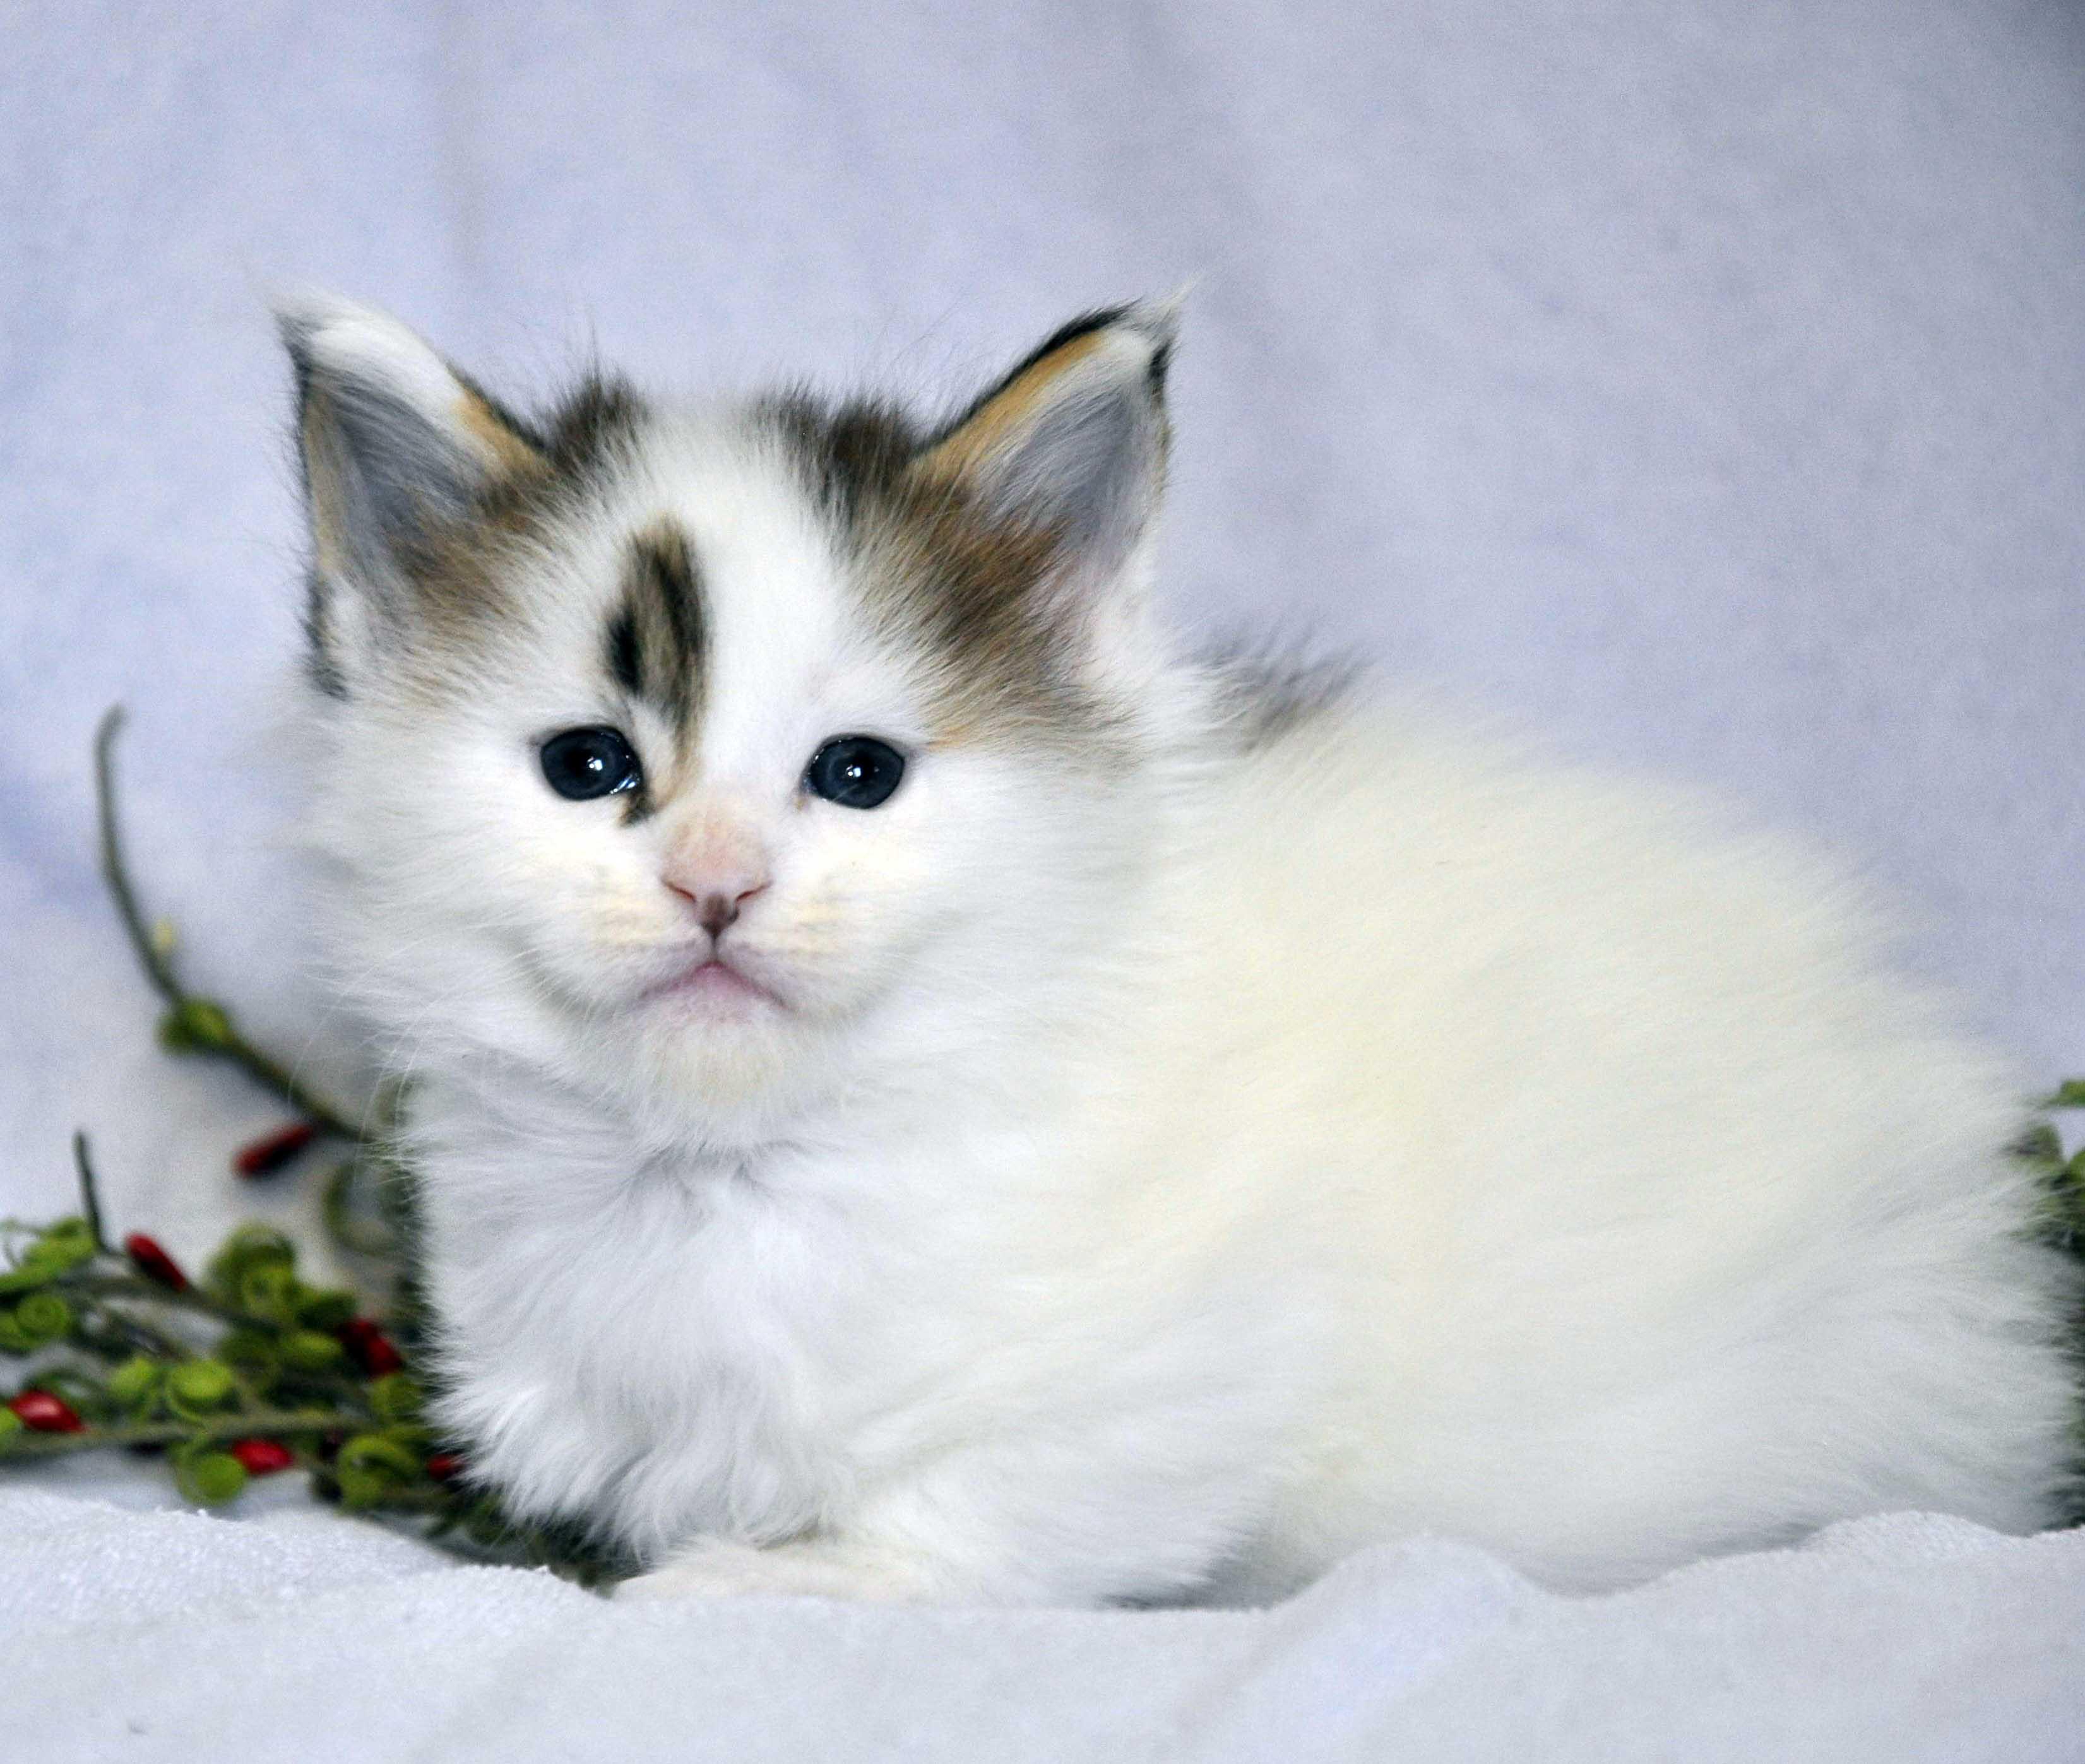 Кот Мейн Кун 1 (male) Eyktan TYSON 110418 фото 1